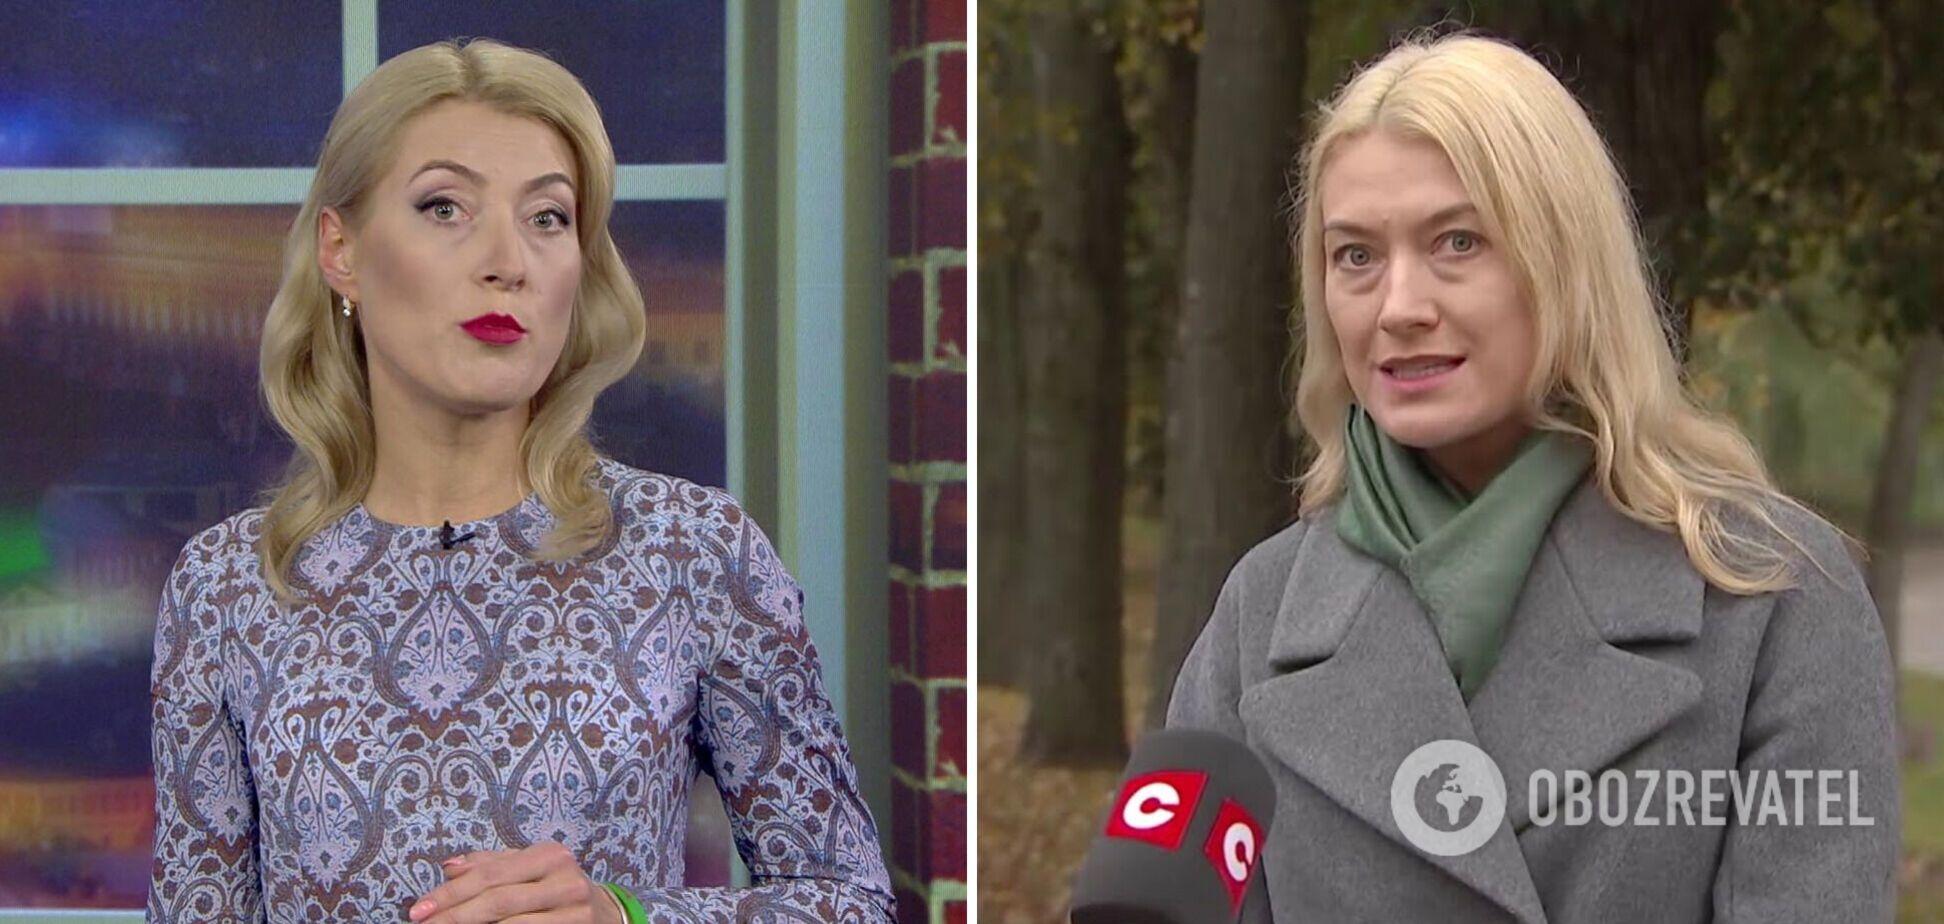 Білоруська телеведуча видала, що Україна 'загинається від злиднів, а народ лазить по смітниках'